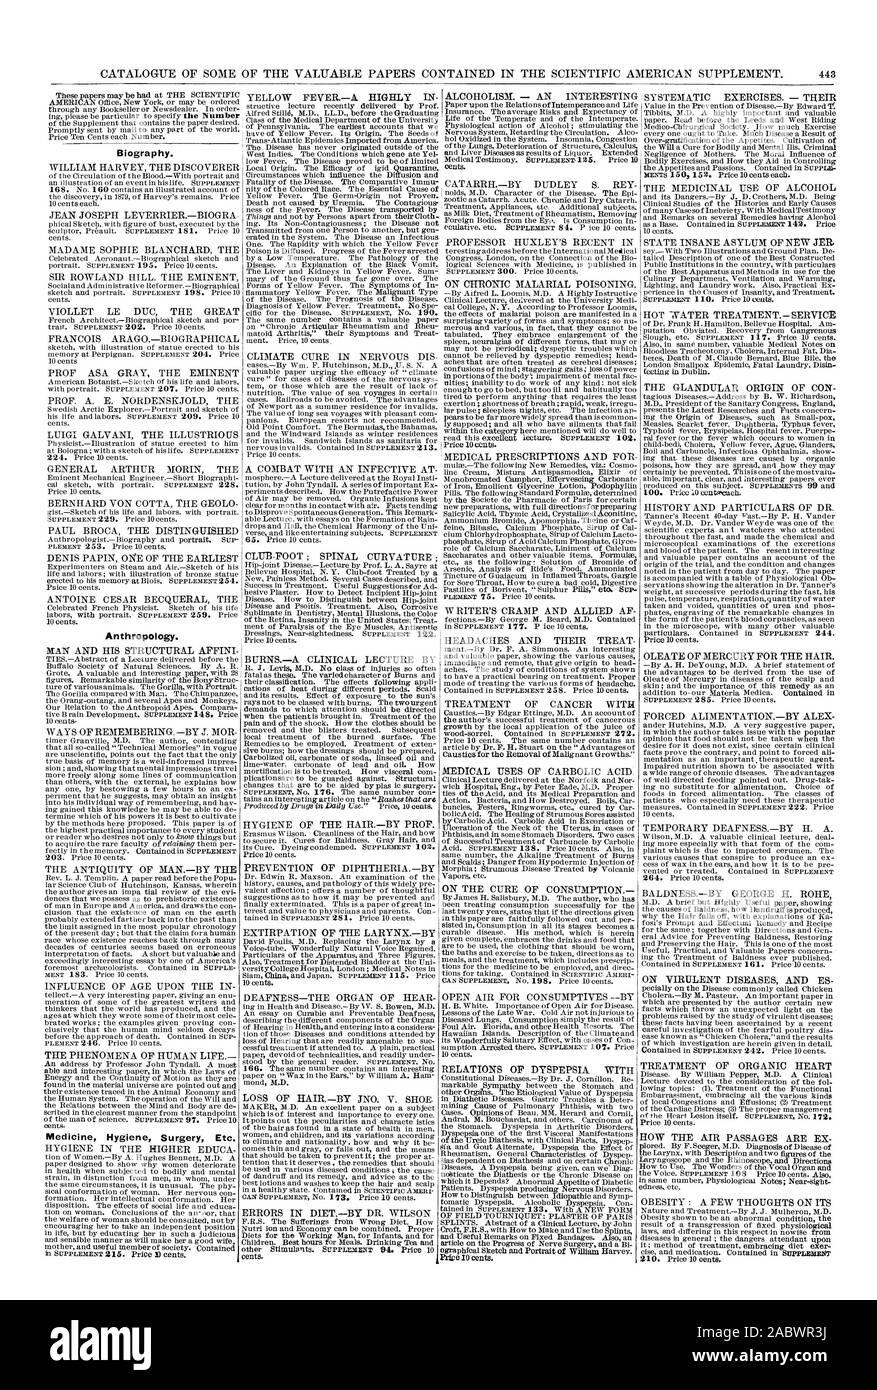 Biografía. La antropología. Medicina Cirugía Higiene Etc. Las relaciones de la dispepsia, Scientific American, 1881-12-31 Foto de stock